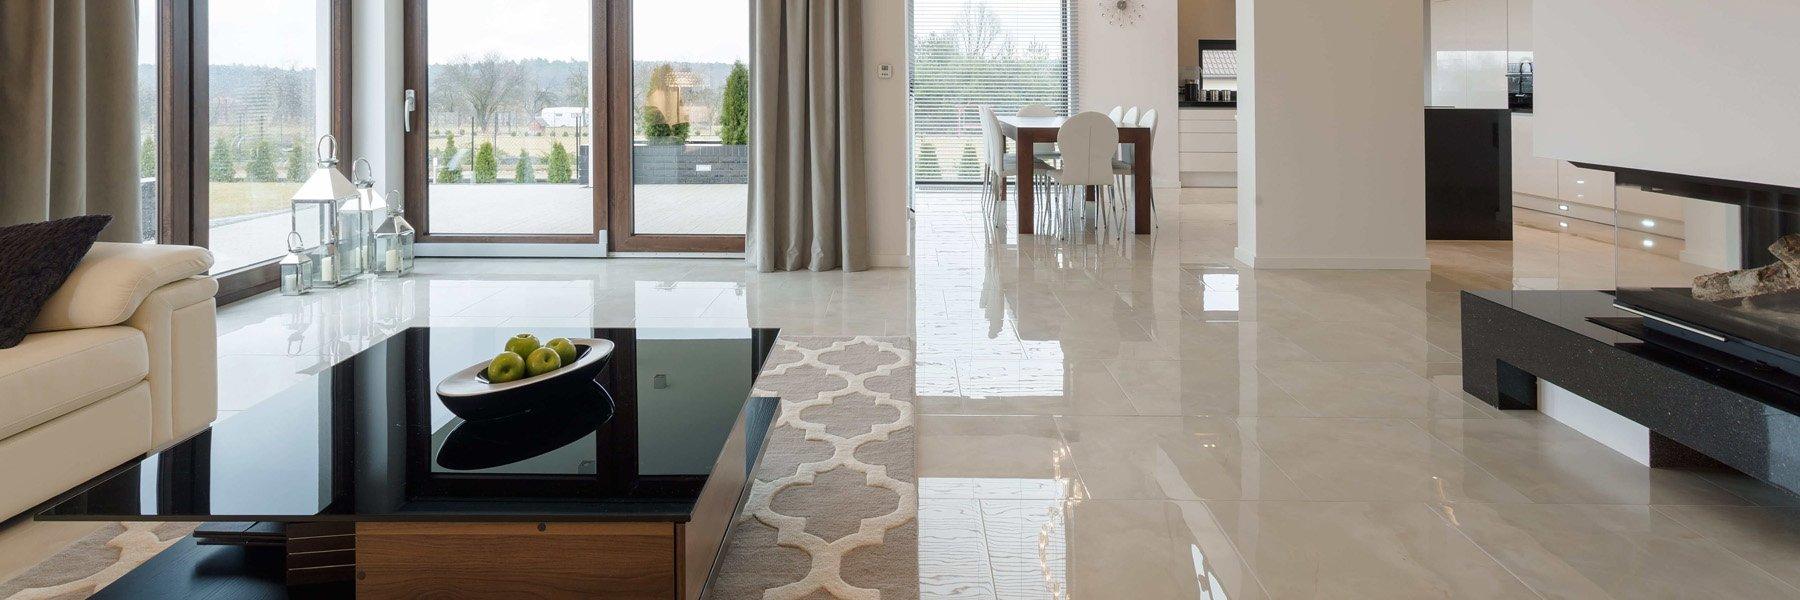 סלון מעוצב עם רצפת אפוקסי מעוצבת